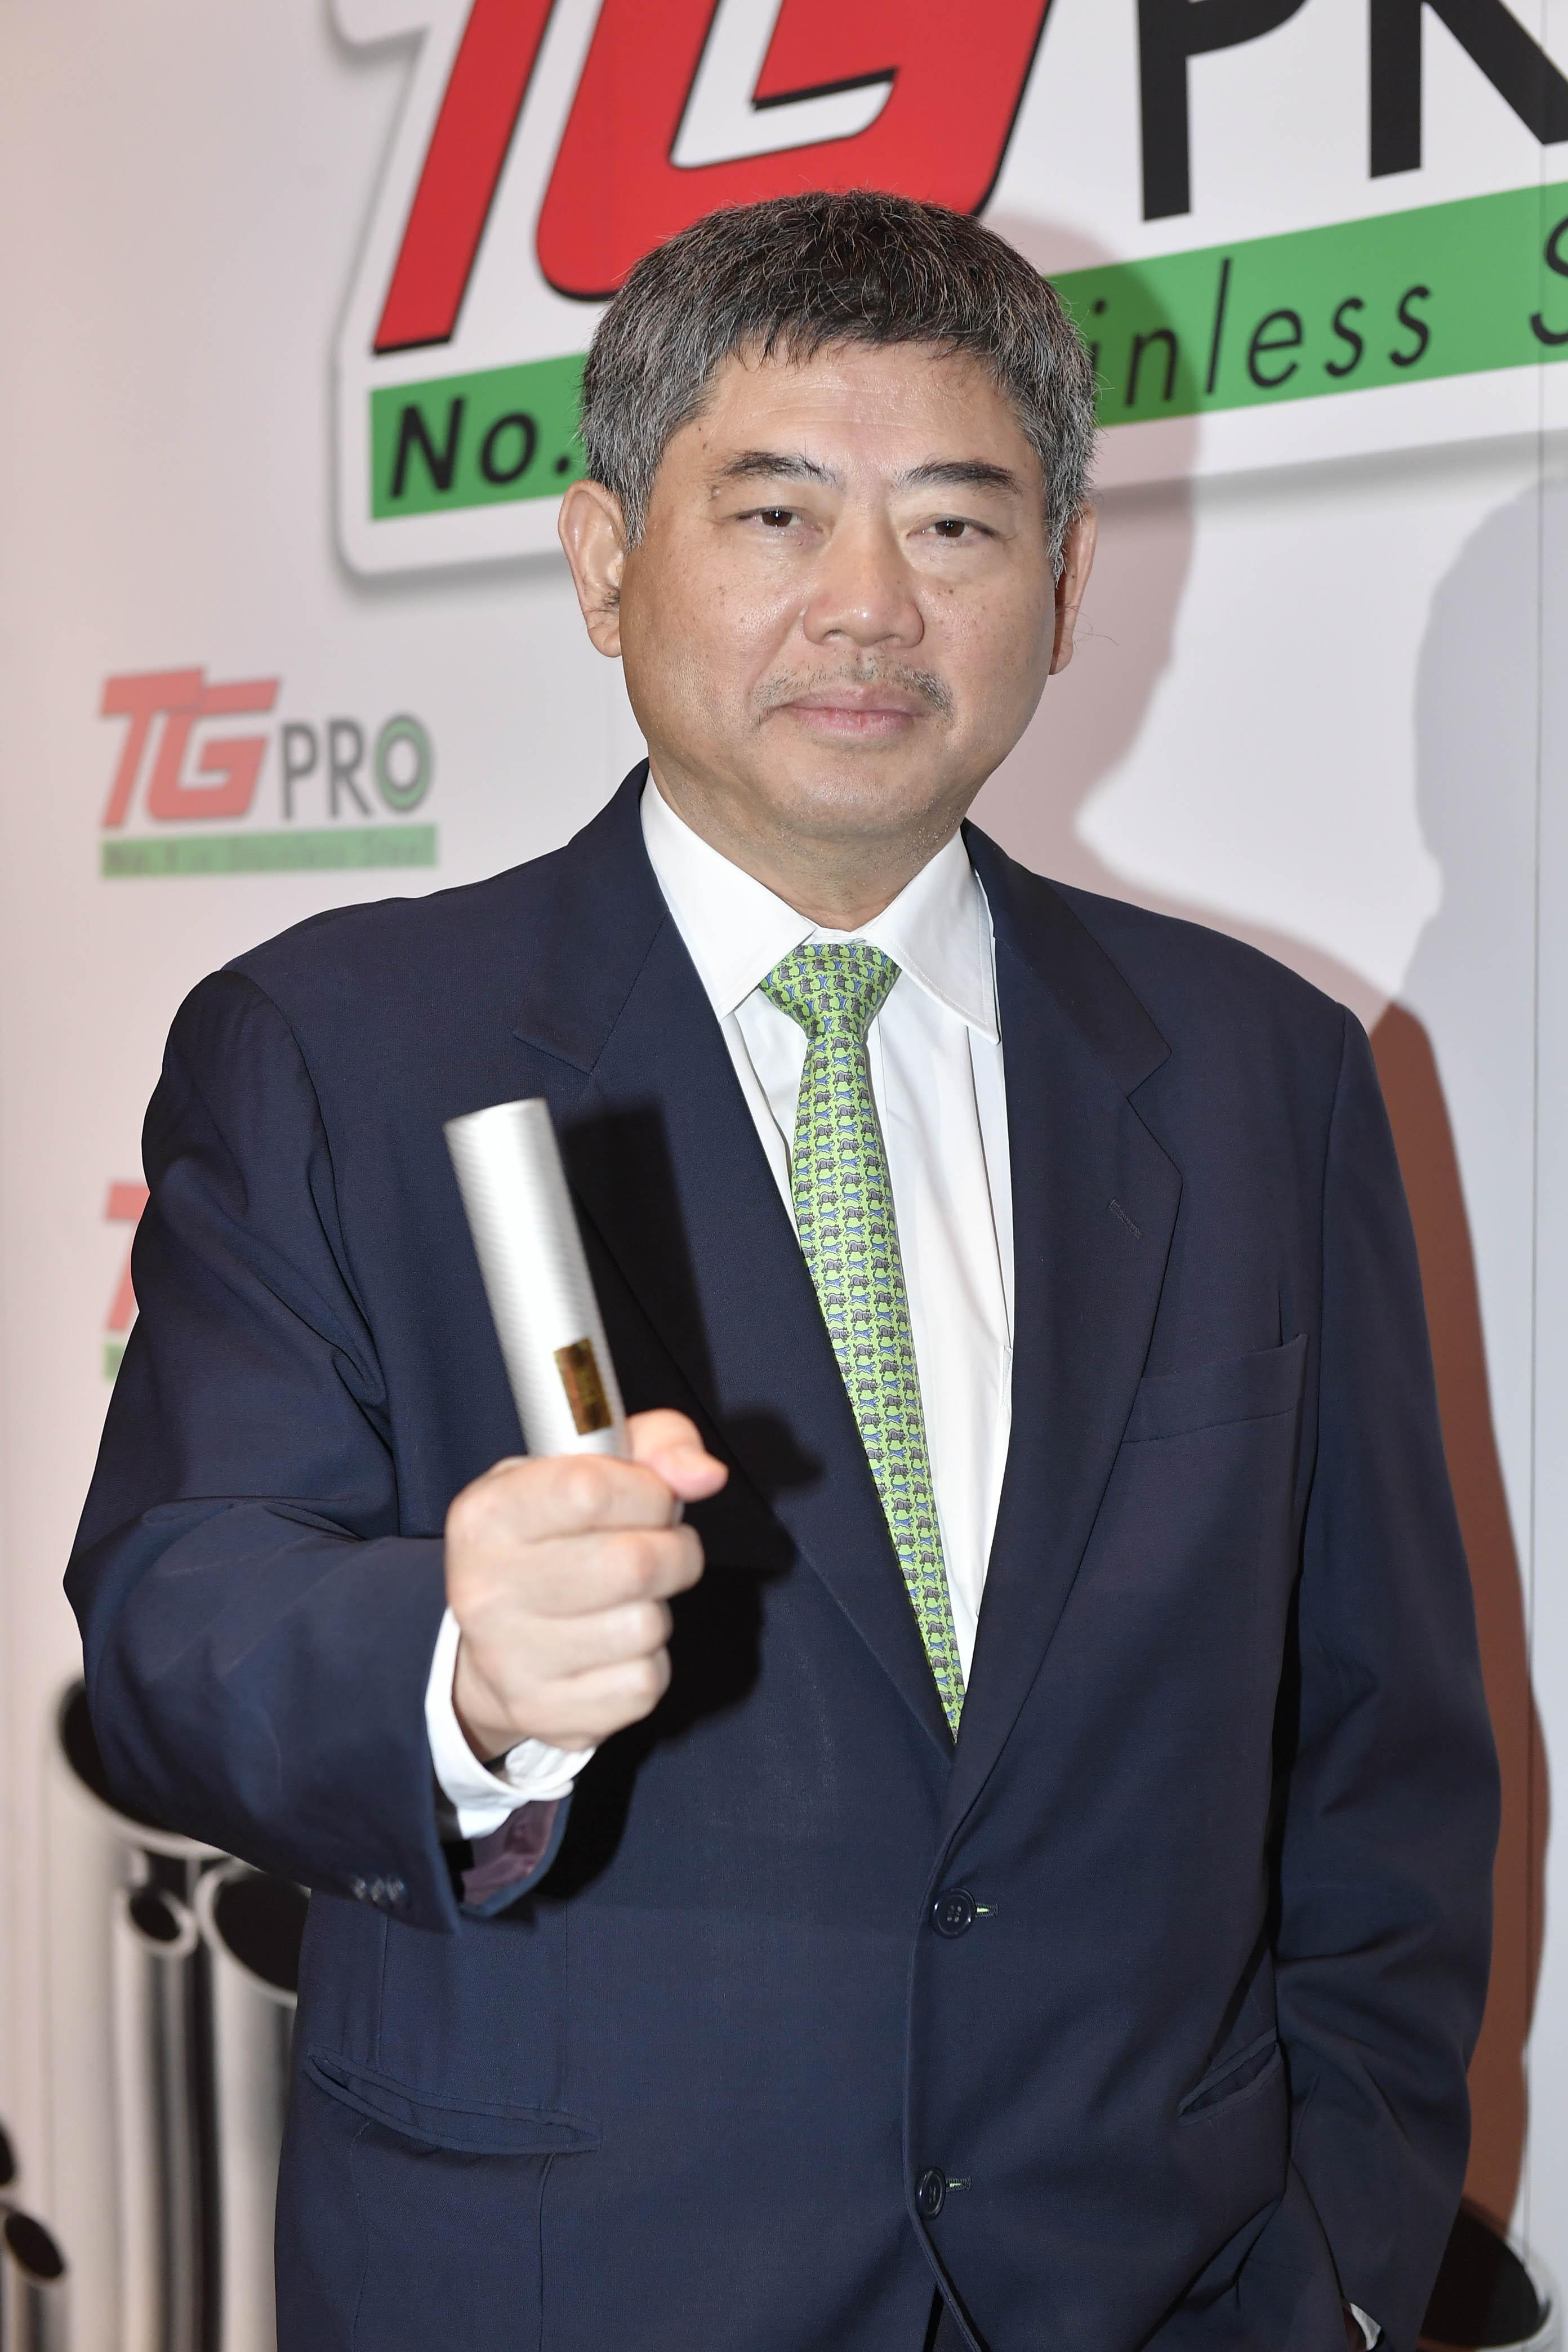 คุณรชต ลีลาประชากุล กรรมการผู้จัดการ บริษัท ไทย-เยอรมัน โปรดักส์ จำกัด (มหาชน) (TGPRO)